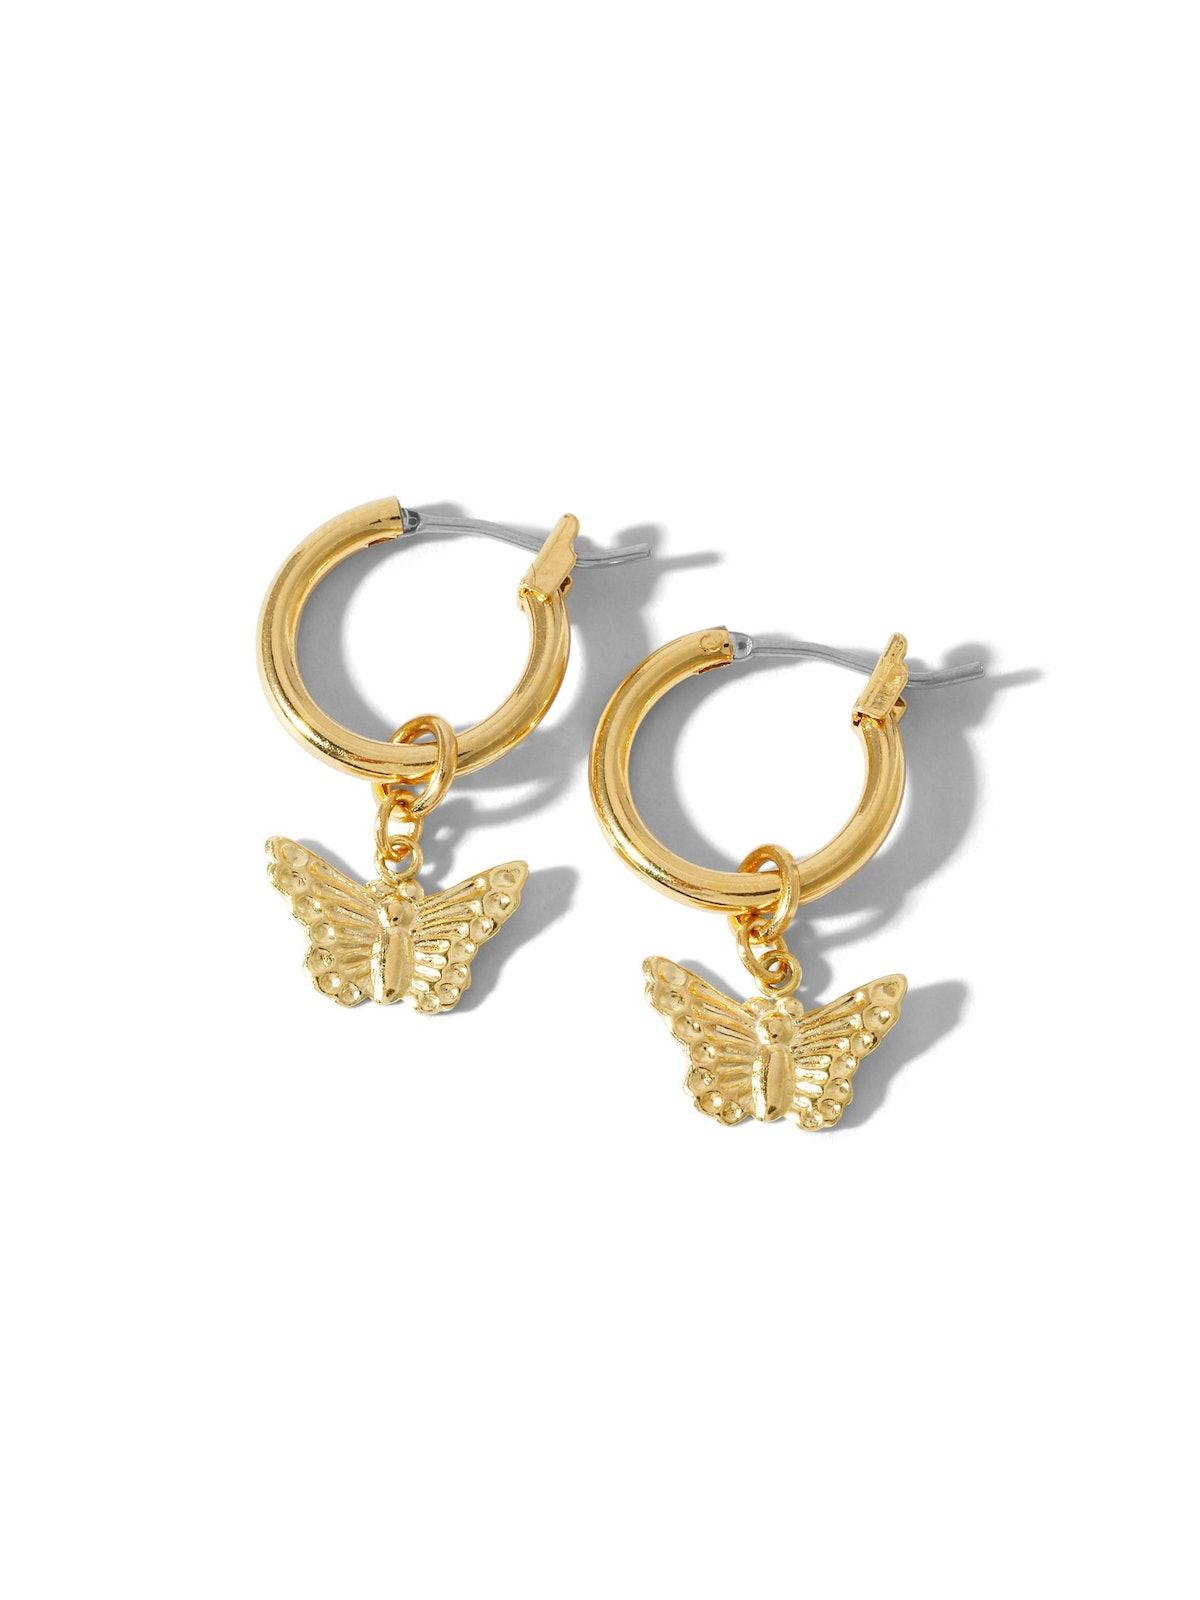 The Cordellia Butterfly Earrings